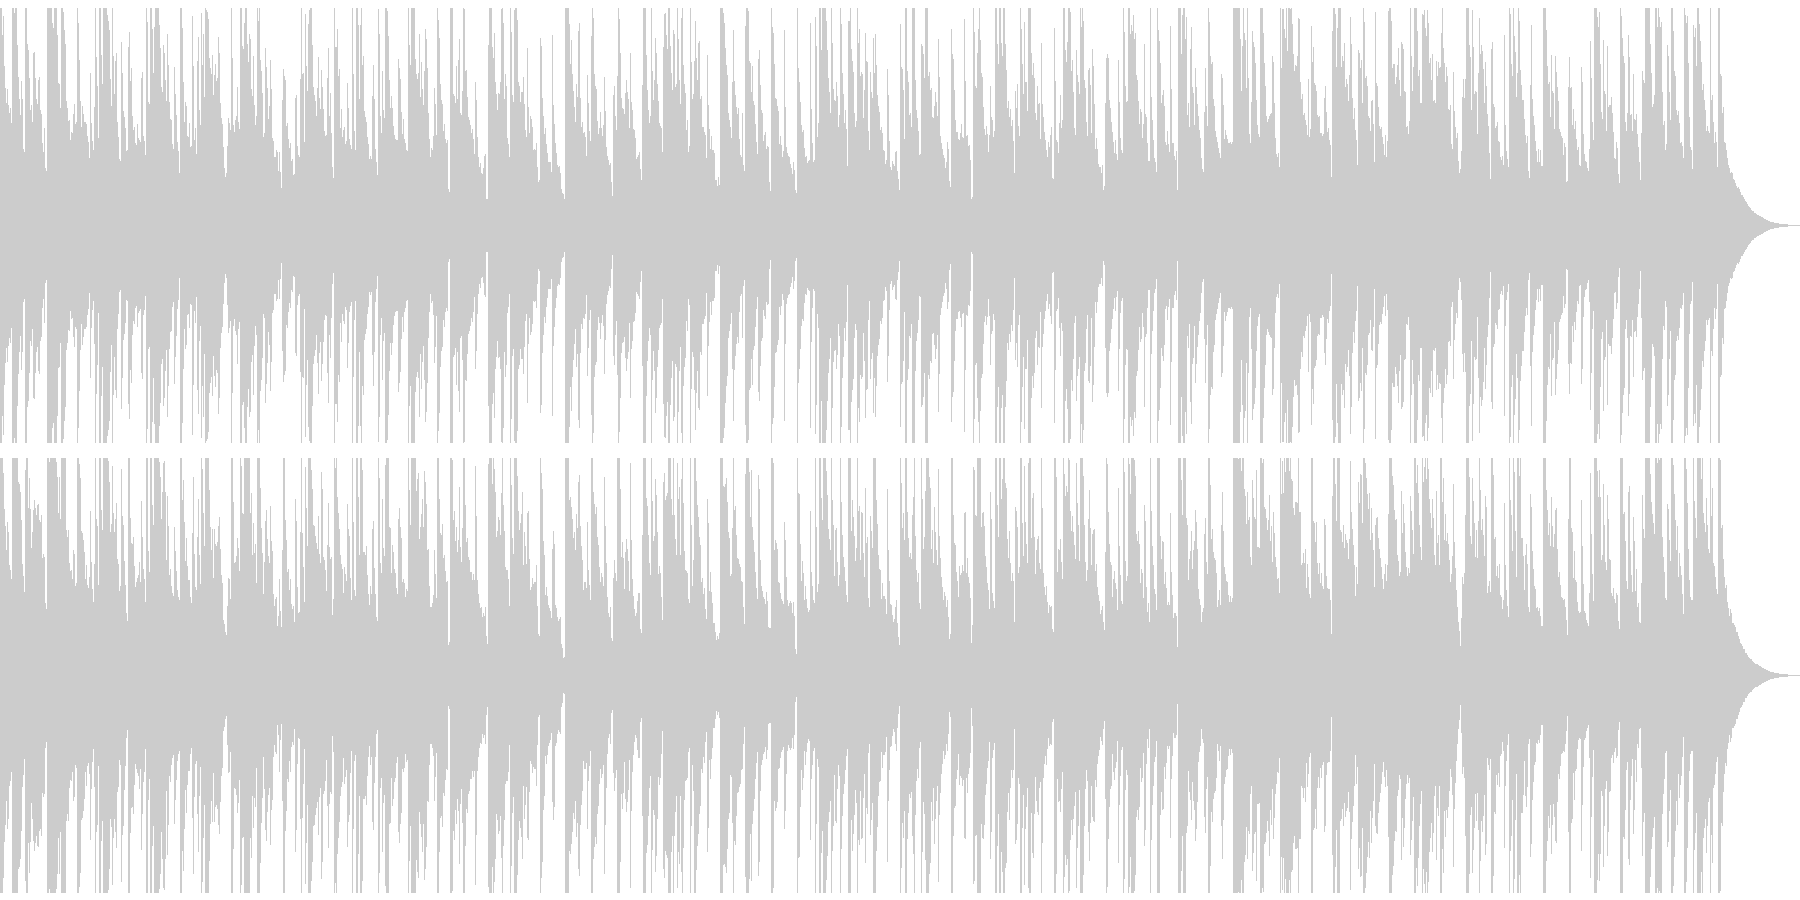 生演奏アコースティックギターのバラードの未再生の波形